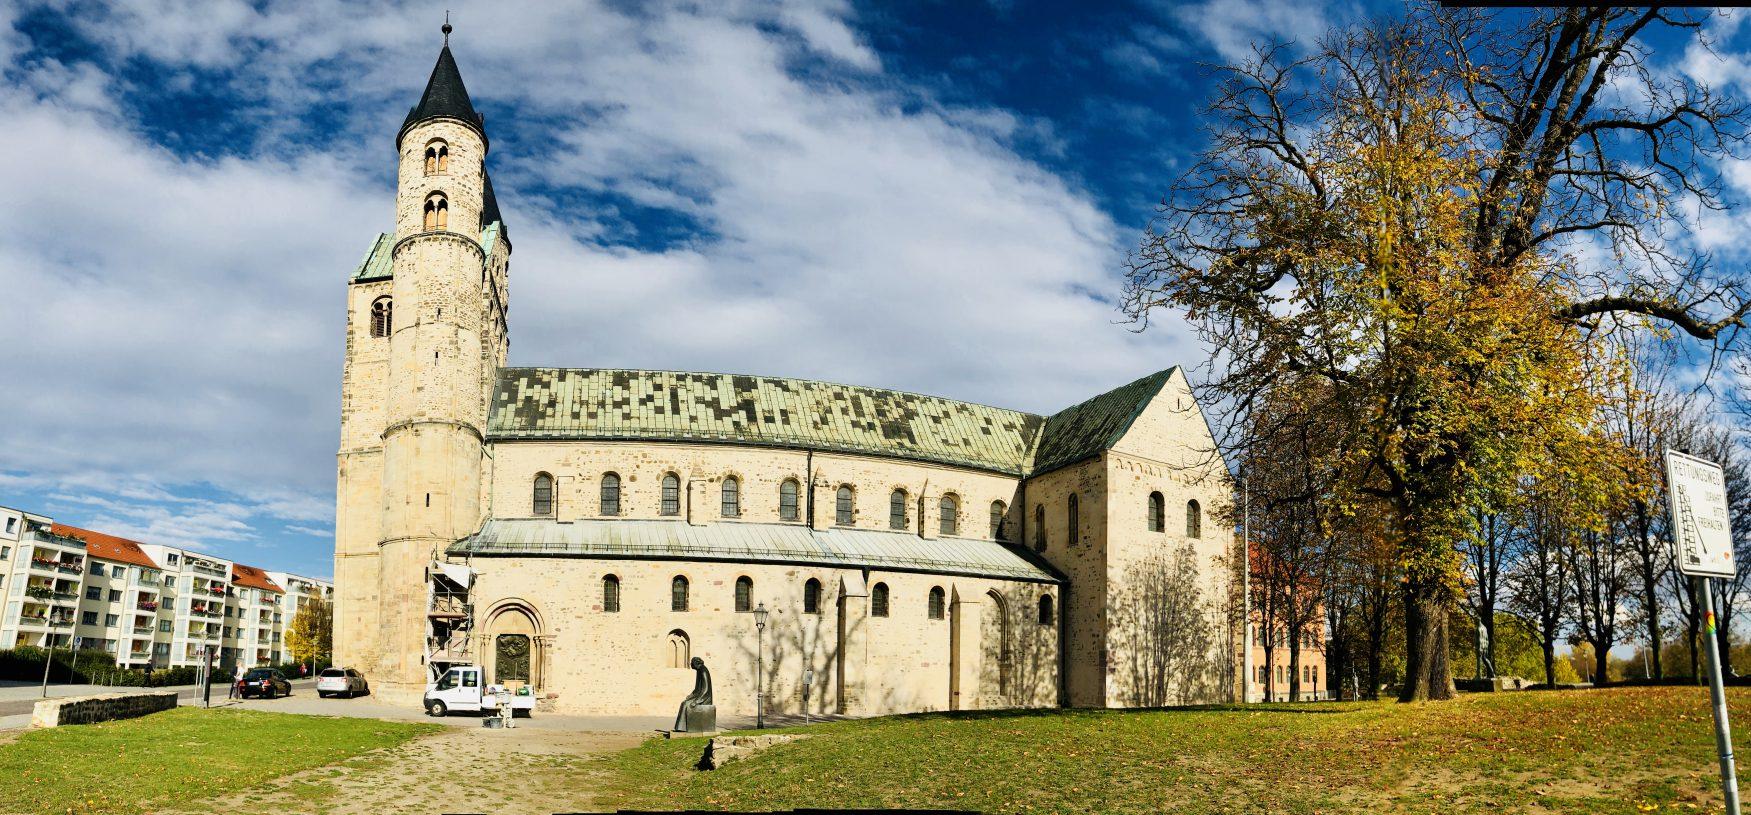 Das Magdeburger Kloster Unser Lieben Frauen zählt zu den bedeutendsten romanischen Anlagen in Deutschland. Hier haben das städtisches Kunstmuseum Kloster Unser Lieben Frauen und die Konzerthalle ihr Domizil, Foto: Weirauch